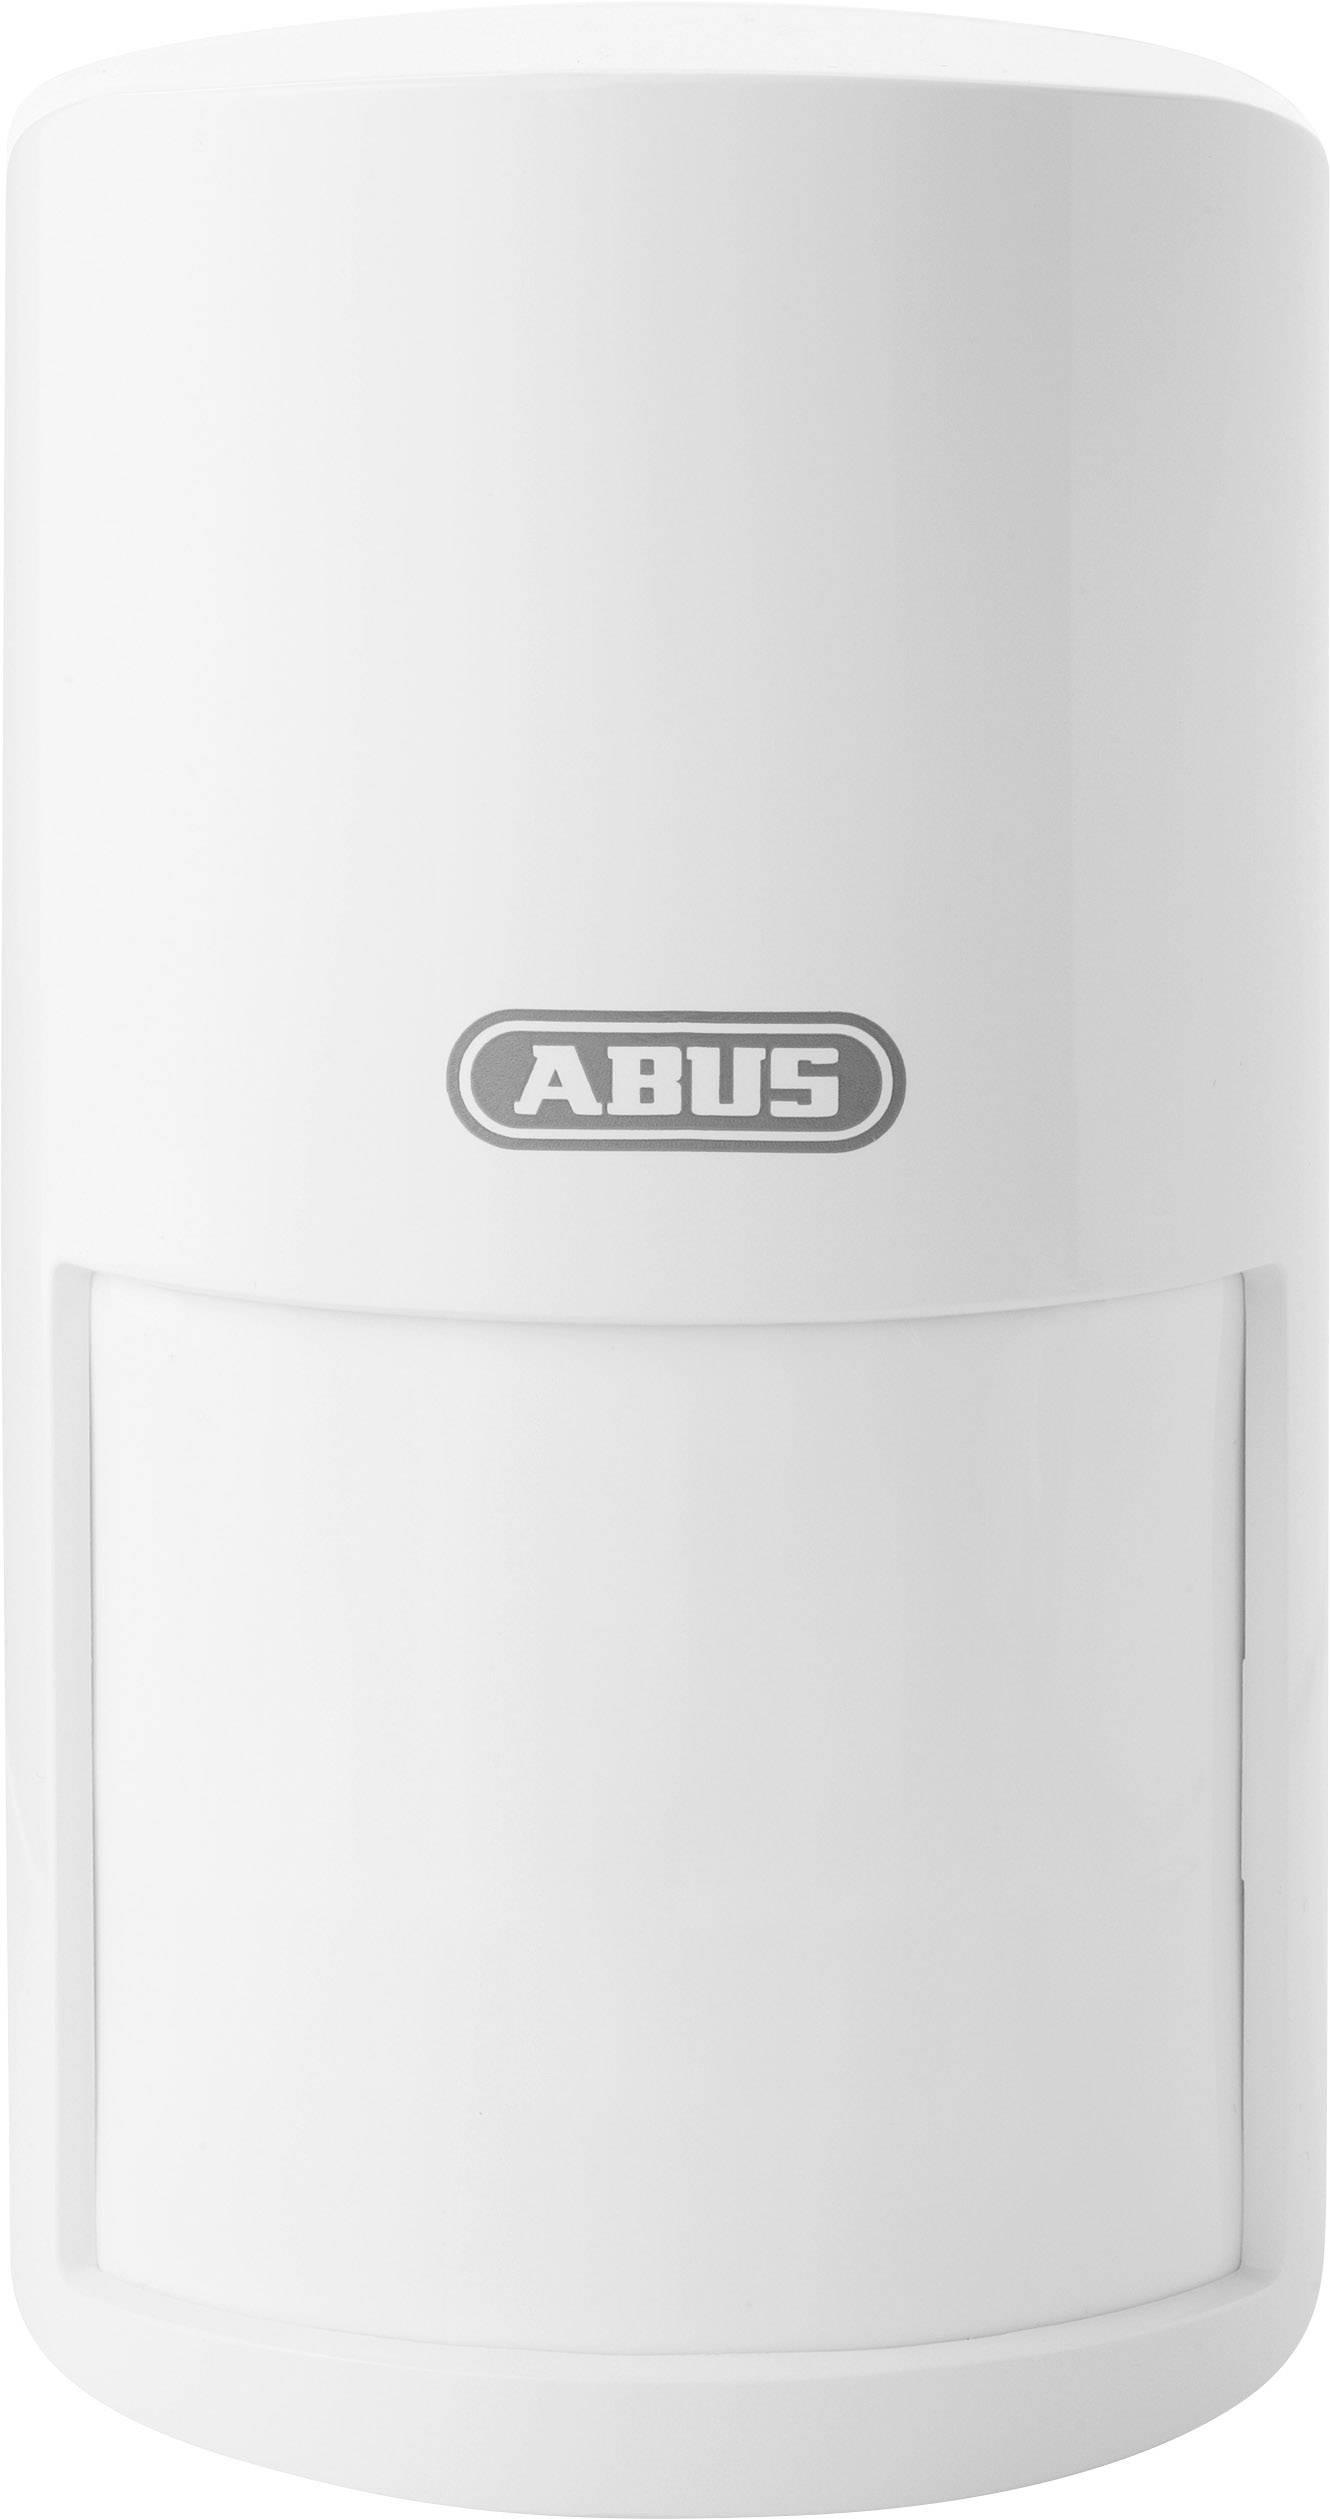 Rozšíření bezdrátového alarmu, bezdrátový detektor pohybu ABUS Smartvest, ABUS Smart Security World FUBW35000A